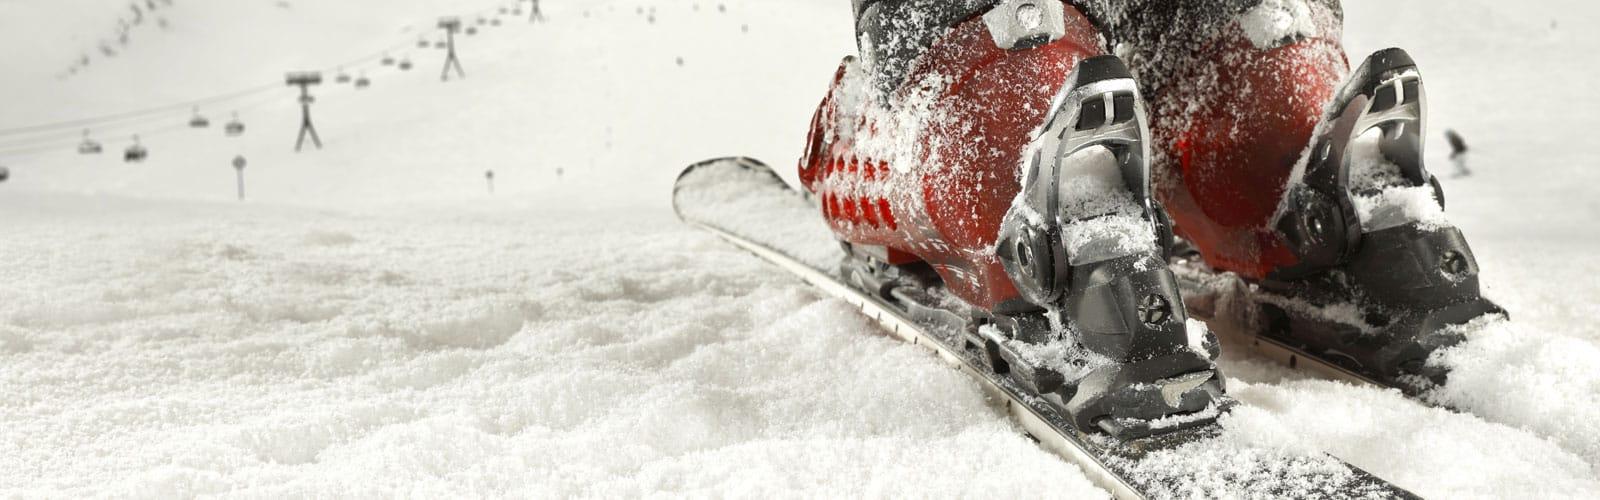 Ski Boot Flex